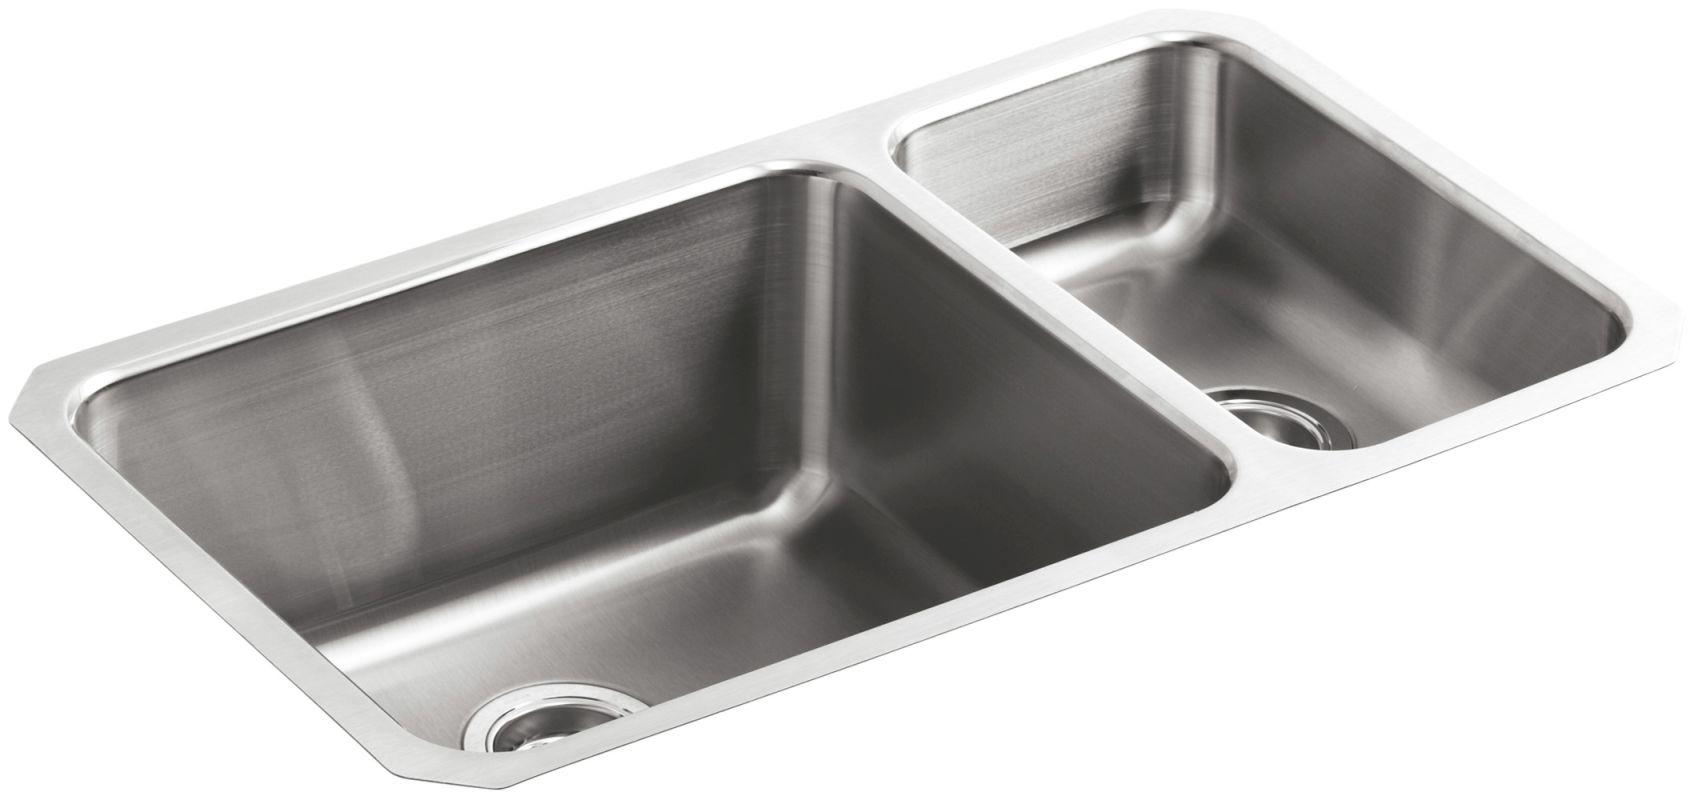 Kohler Stainless Steel Kitchen Sinks faucet | k-3174-na in stainless steelkohler